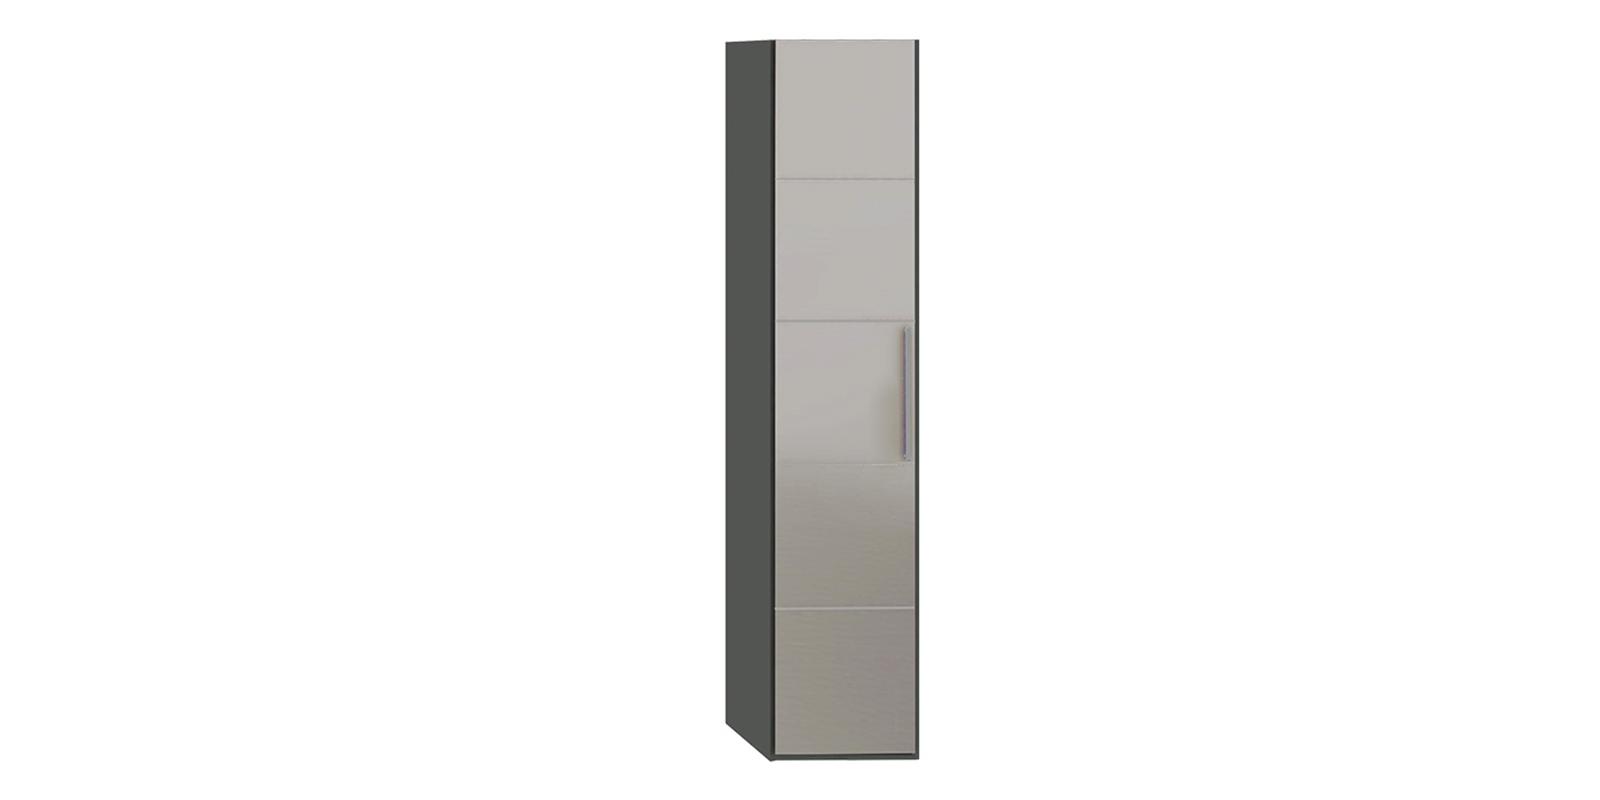 Шкаф распашной однодверный Сорренто торцевой вариант №2 левый (темно-серый/зеркало) Сорренто